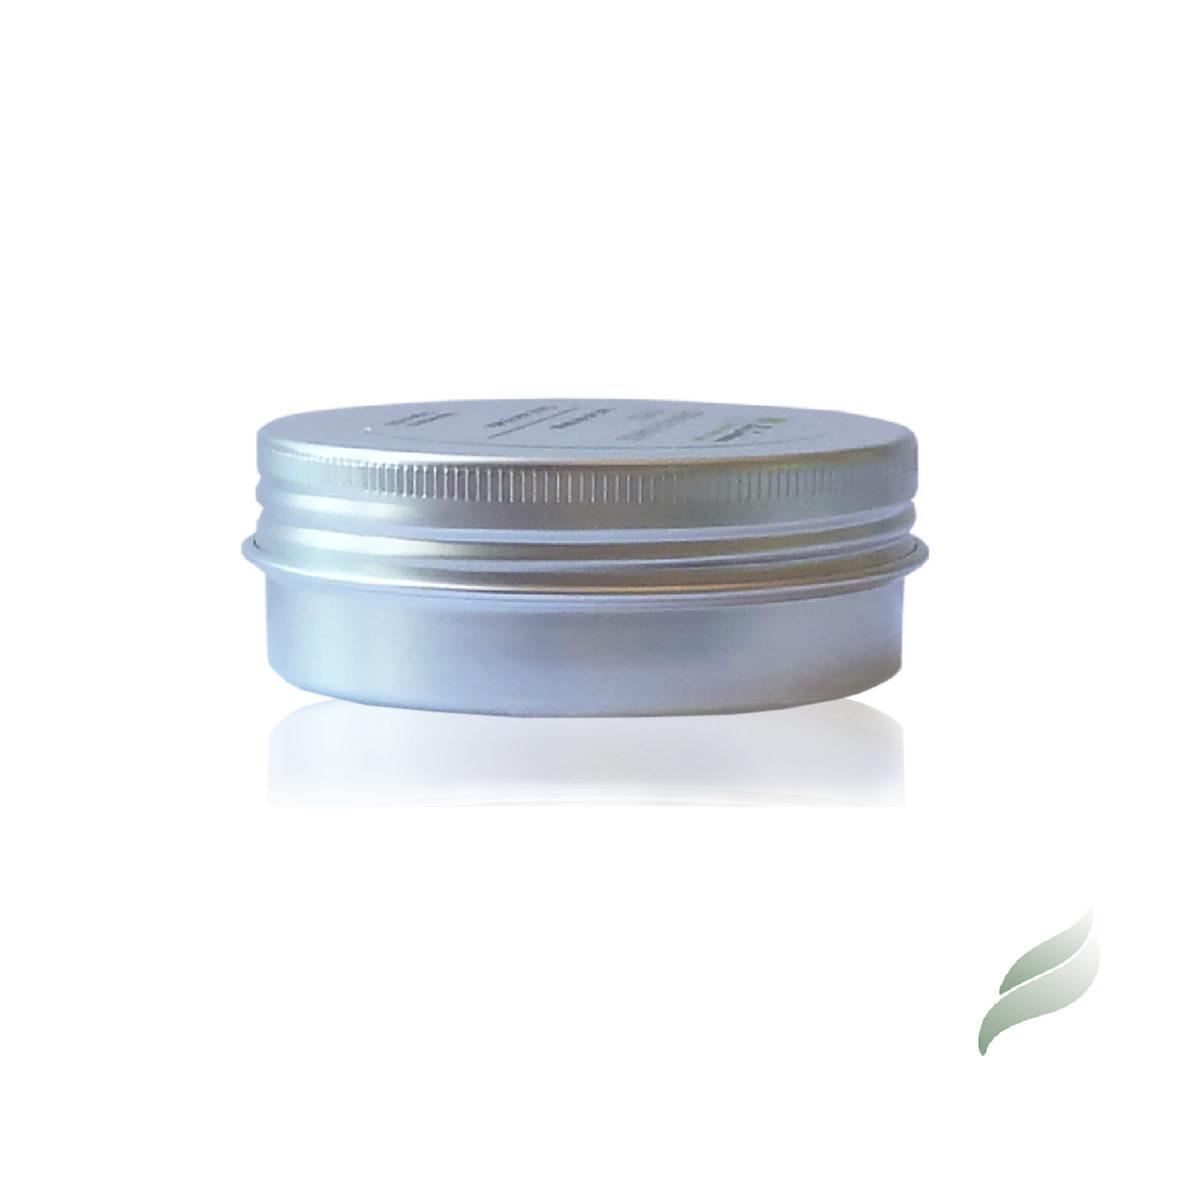 Crema de Manos y pies con cera de abejas, untuosa. Natural. Regenera, hidrata y cicatriza.Protege y calma la piel seca, irritada o sensible.